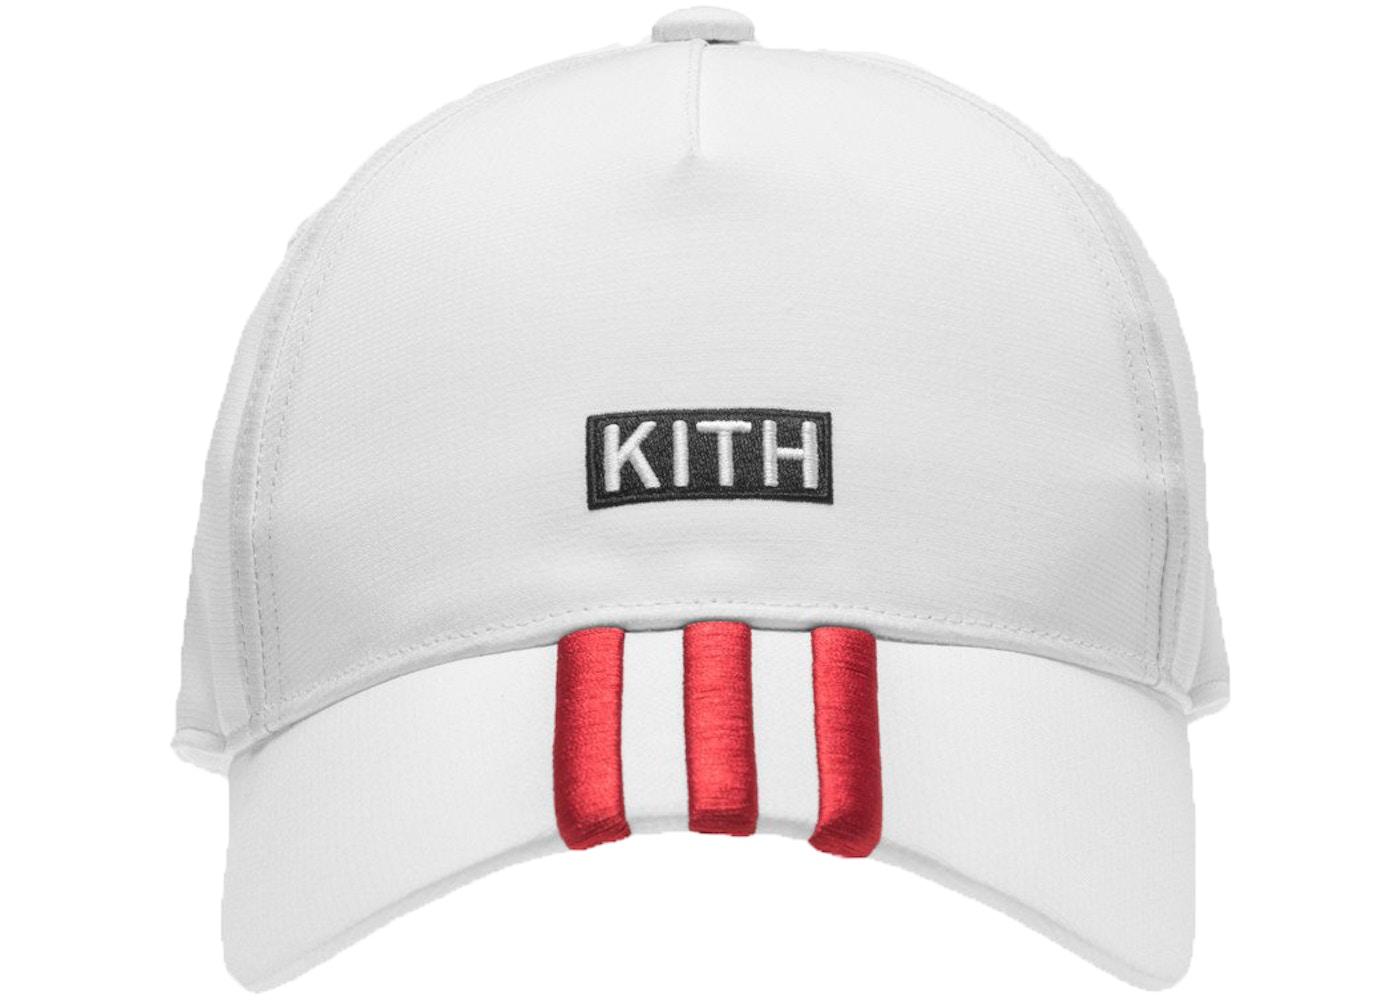 e71dc020 Streetwear - Kith Accessories - Price Premium